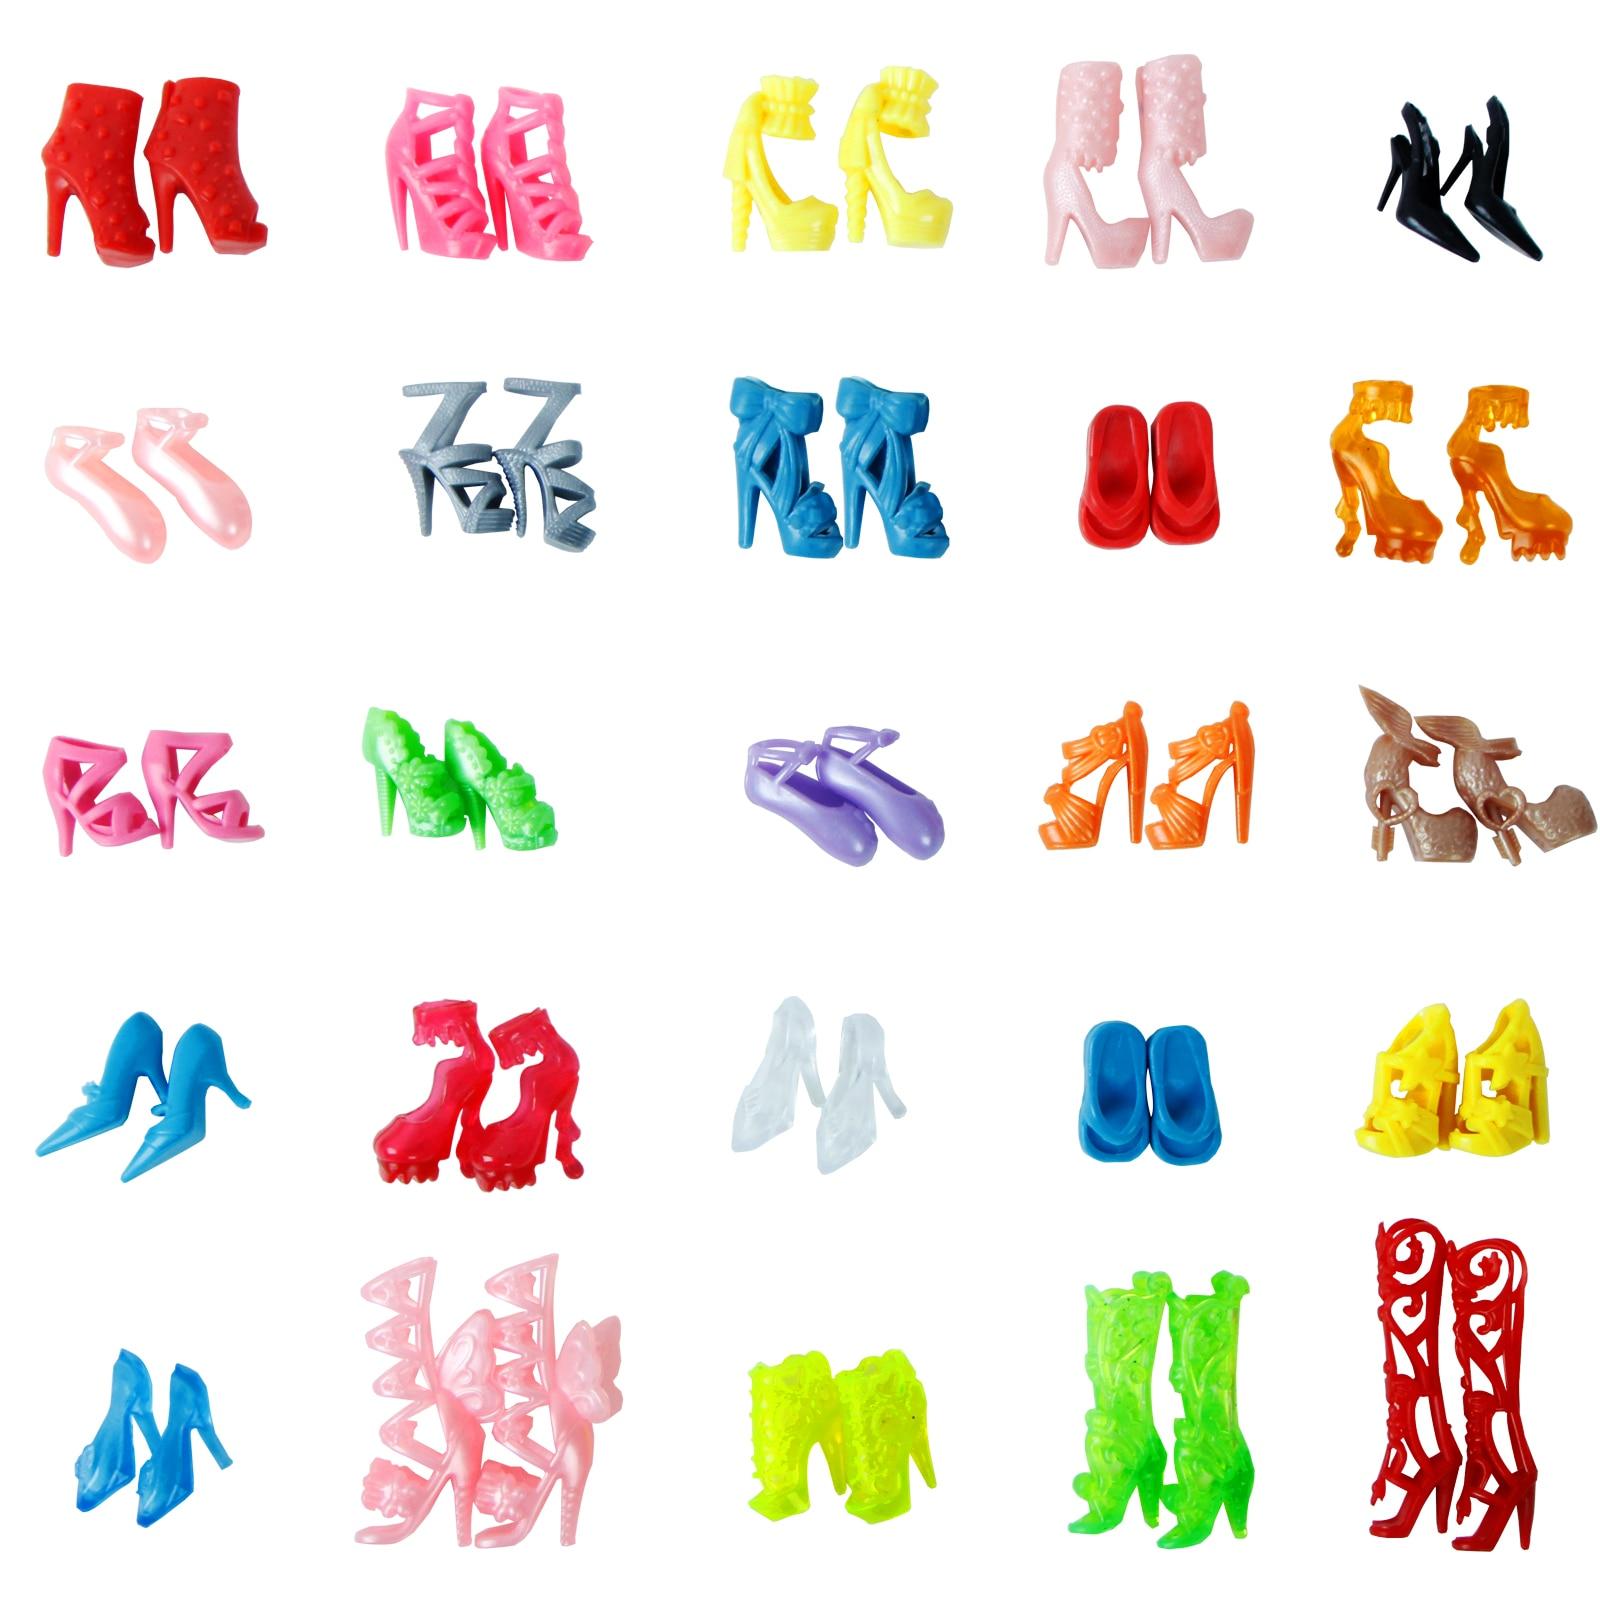 4df61f3dbf7ef6 Losowo 10 par moda kolorowe buty szpilki sandały sukienka odzież akcesoria  dla lalka Barbie prezent dziewczyna zabawki darmowa wysyłka w Losowo 10 par  moda ...